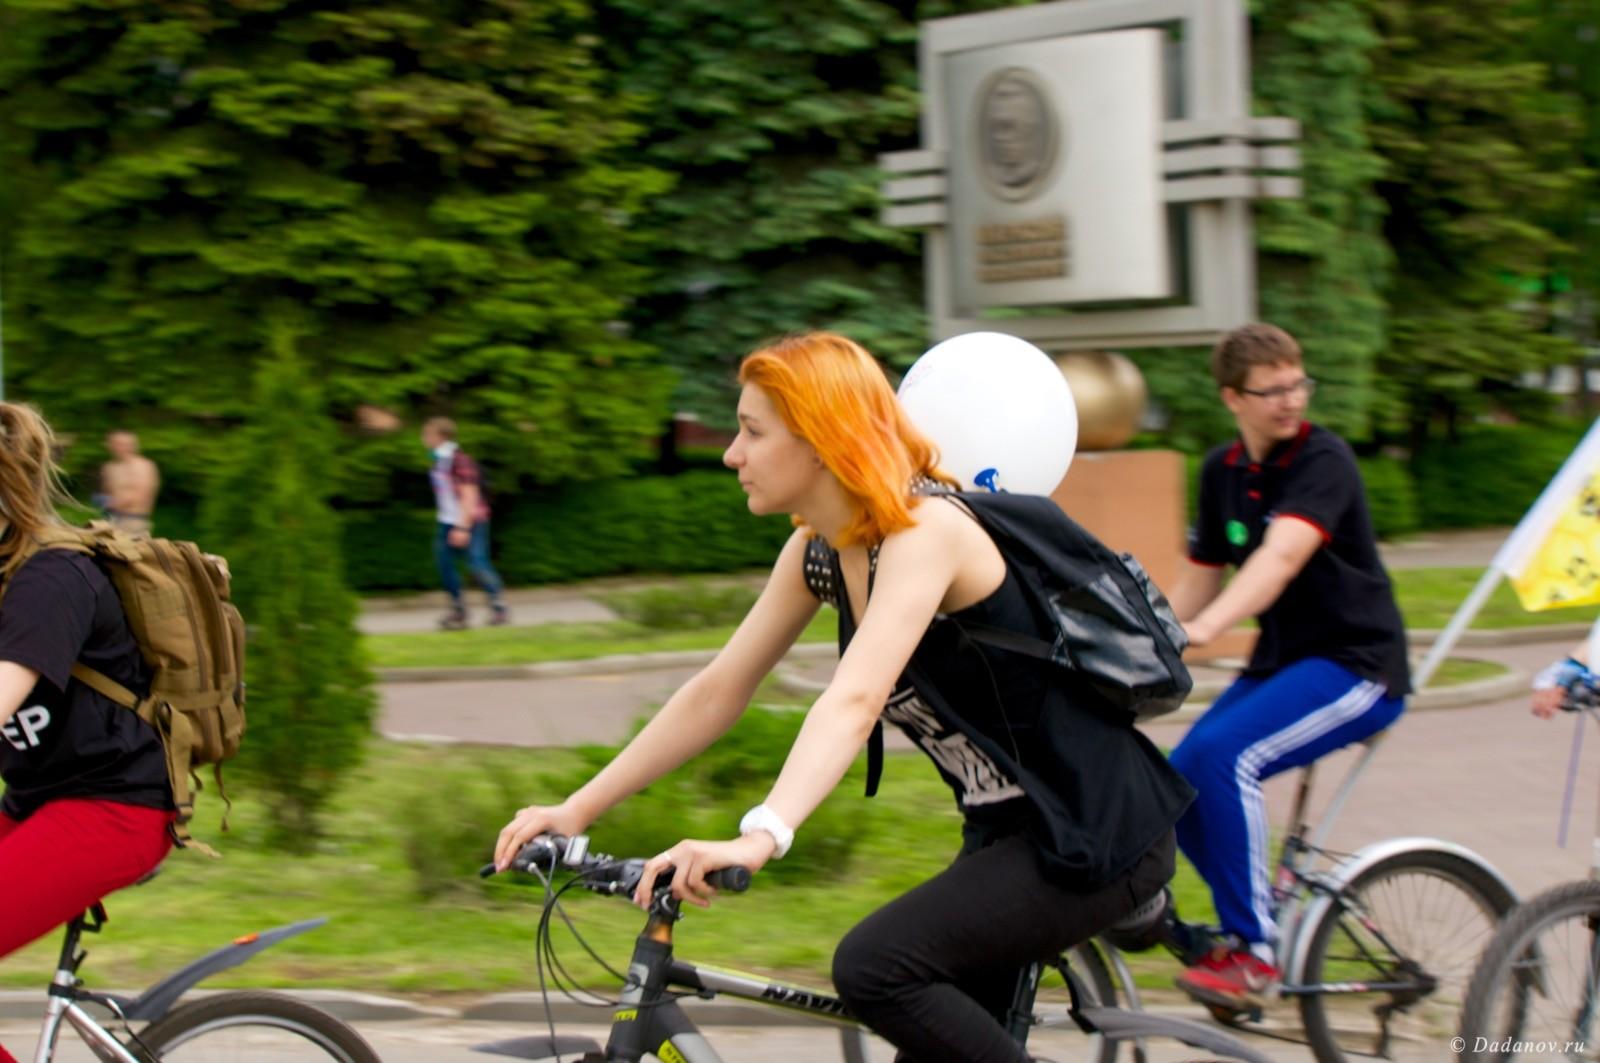 Велодень 2016 в Липецке состоялся. Фотографии с мероприятия 2989